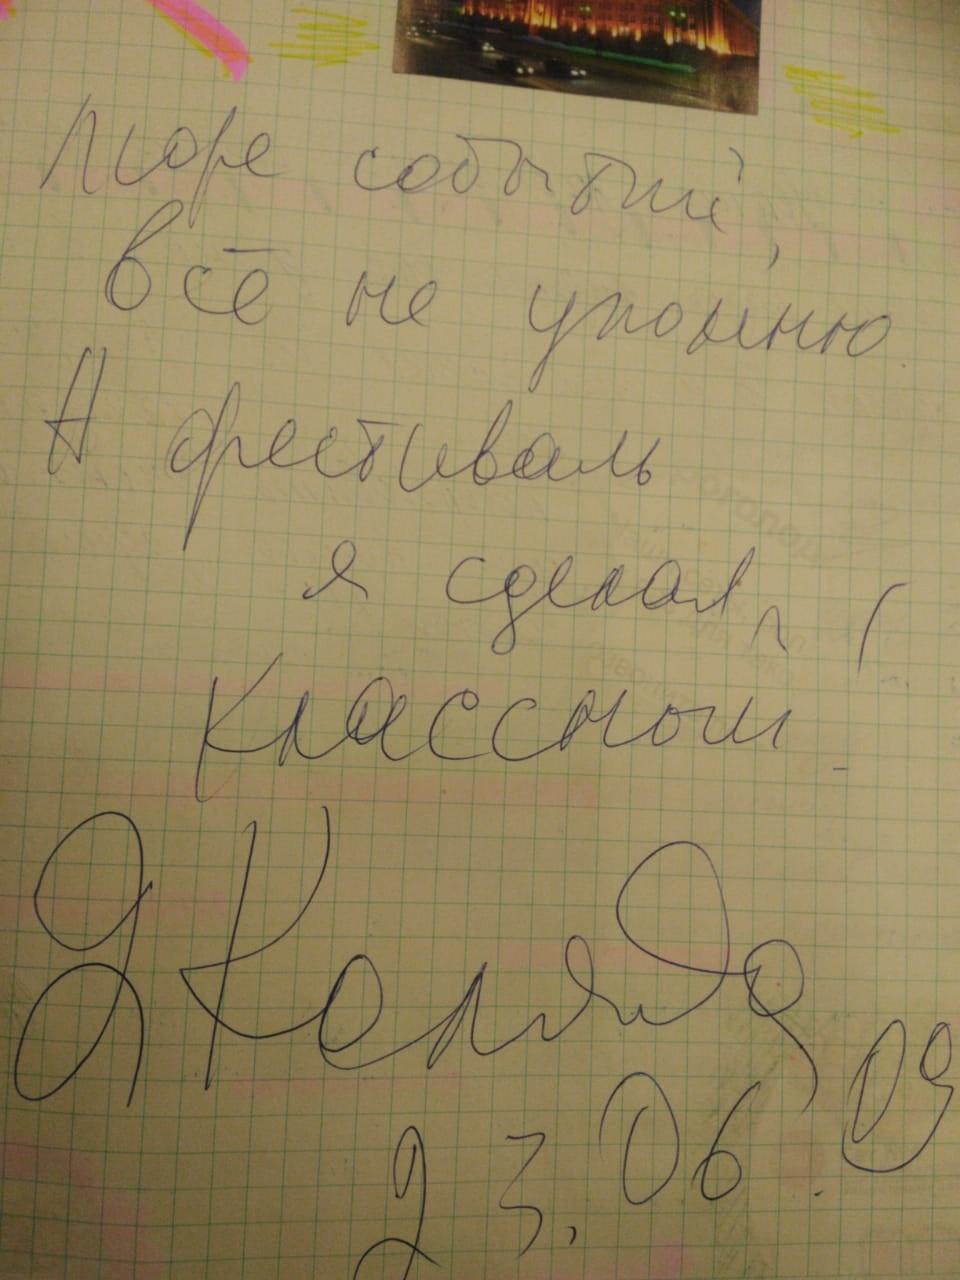 Николай Коляда написал в 2009 году: «Море событий, все не упомню. А фестиваль я сделал классный!»